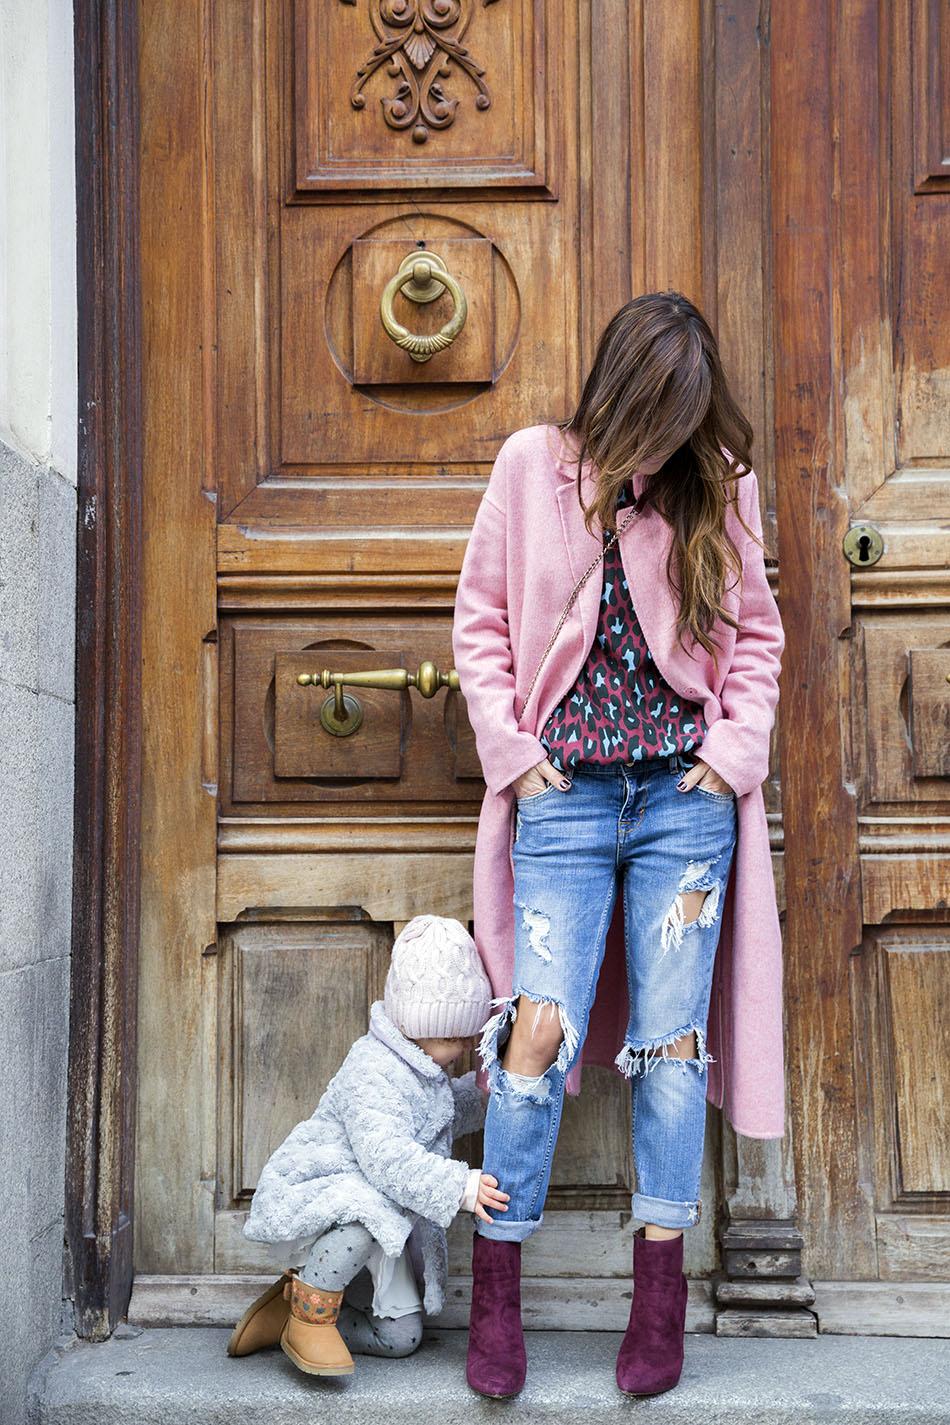 december-outfits-review-2016-street-styles-barbara-crespo-blogger-moda-06